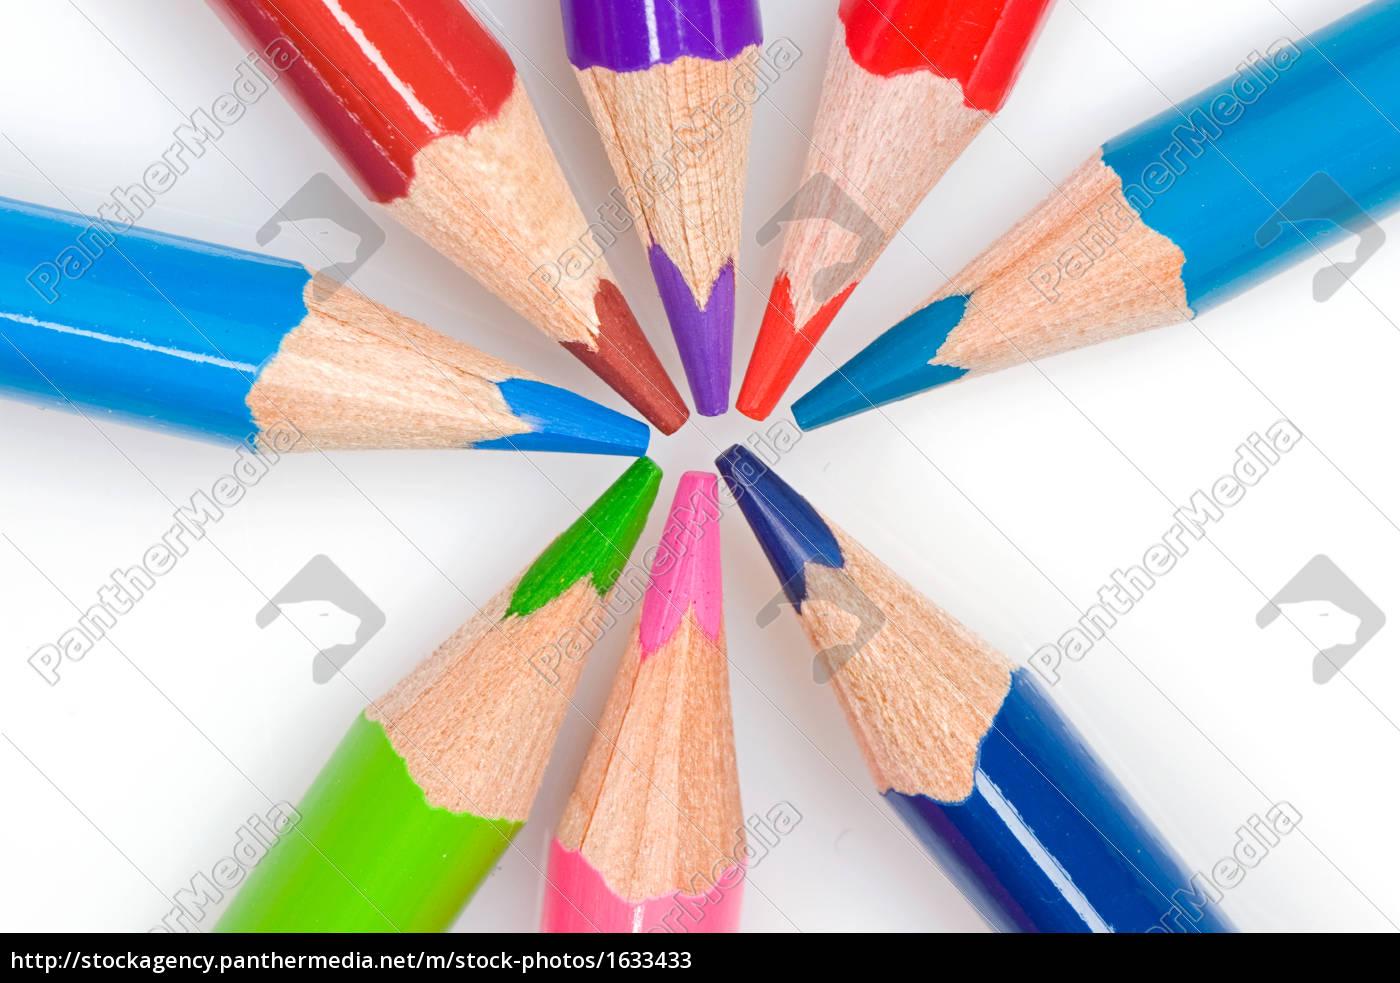 color, paint, pen, style, pencil - 1633433